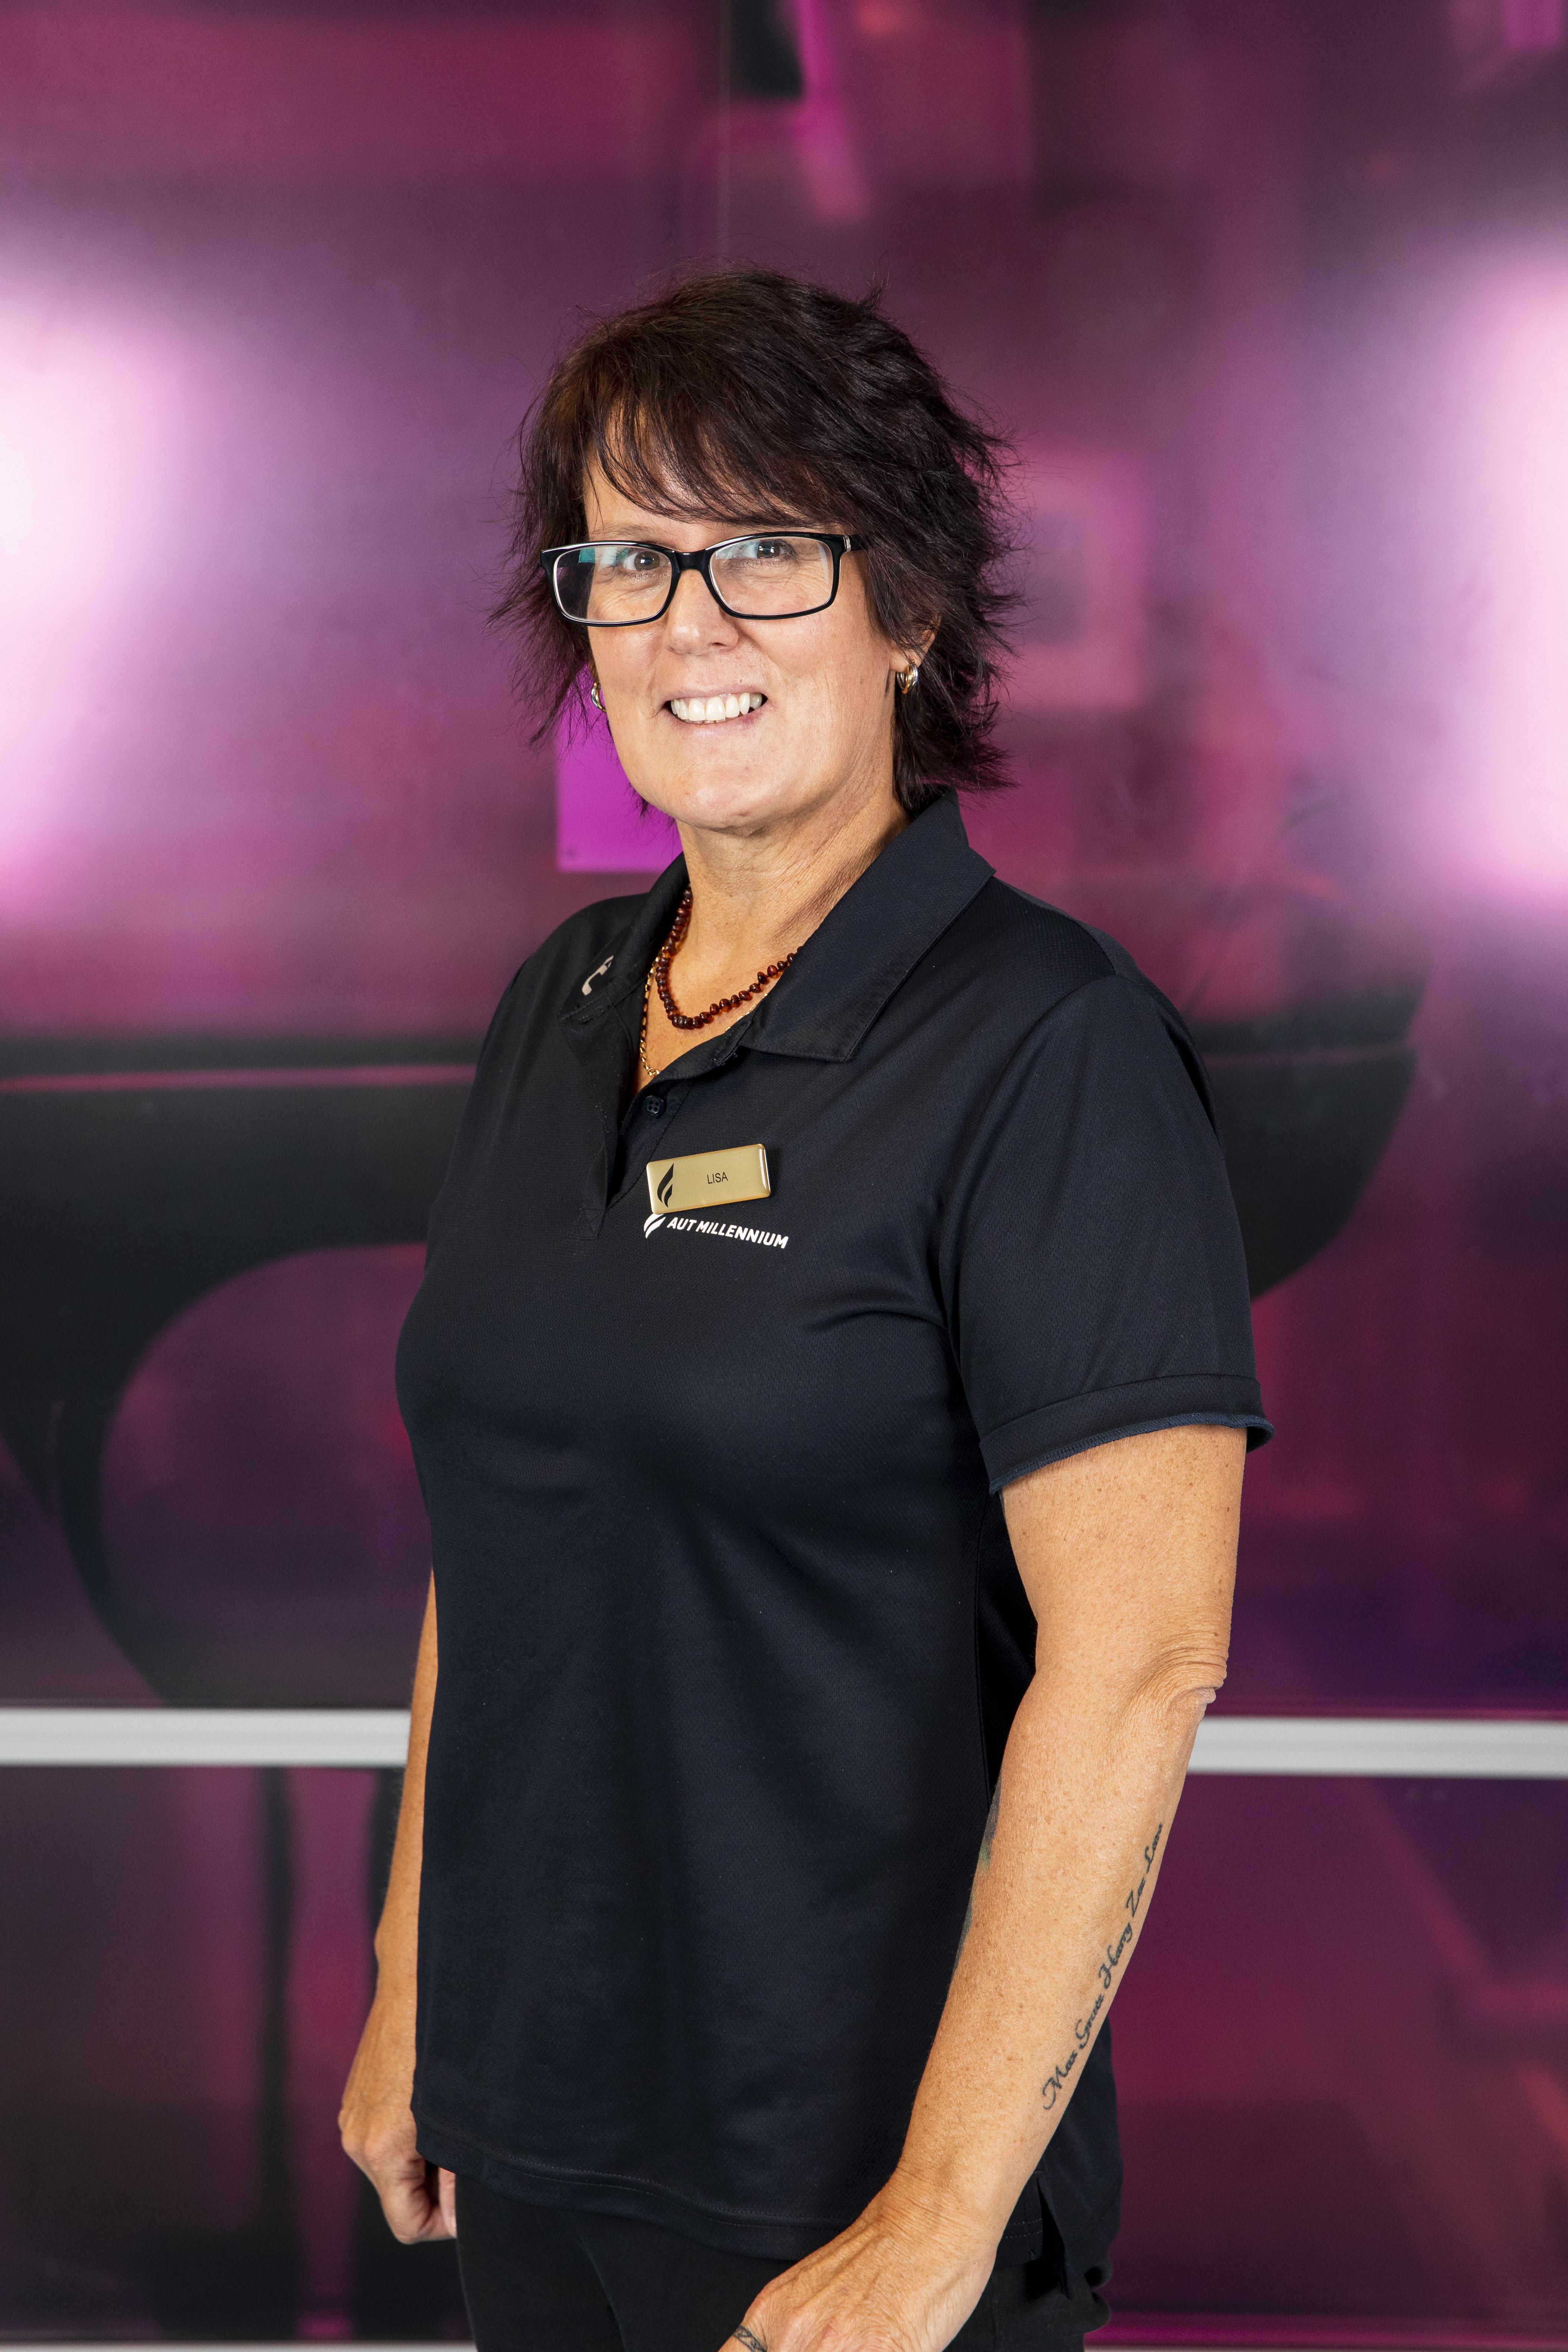 Lisa Deacon